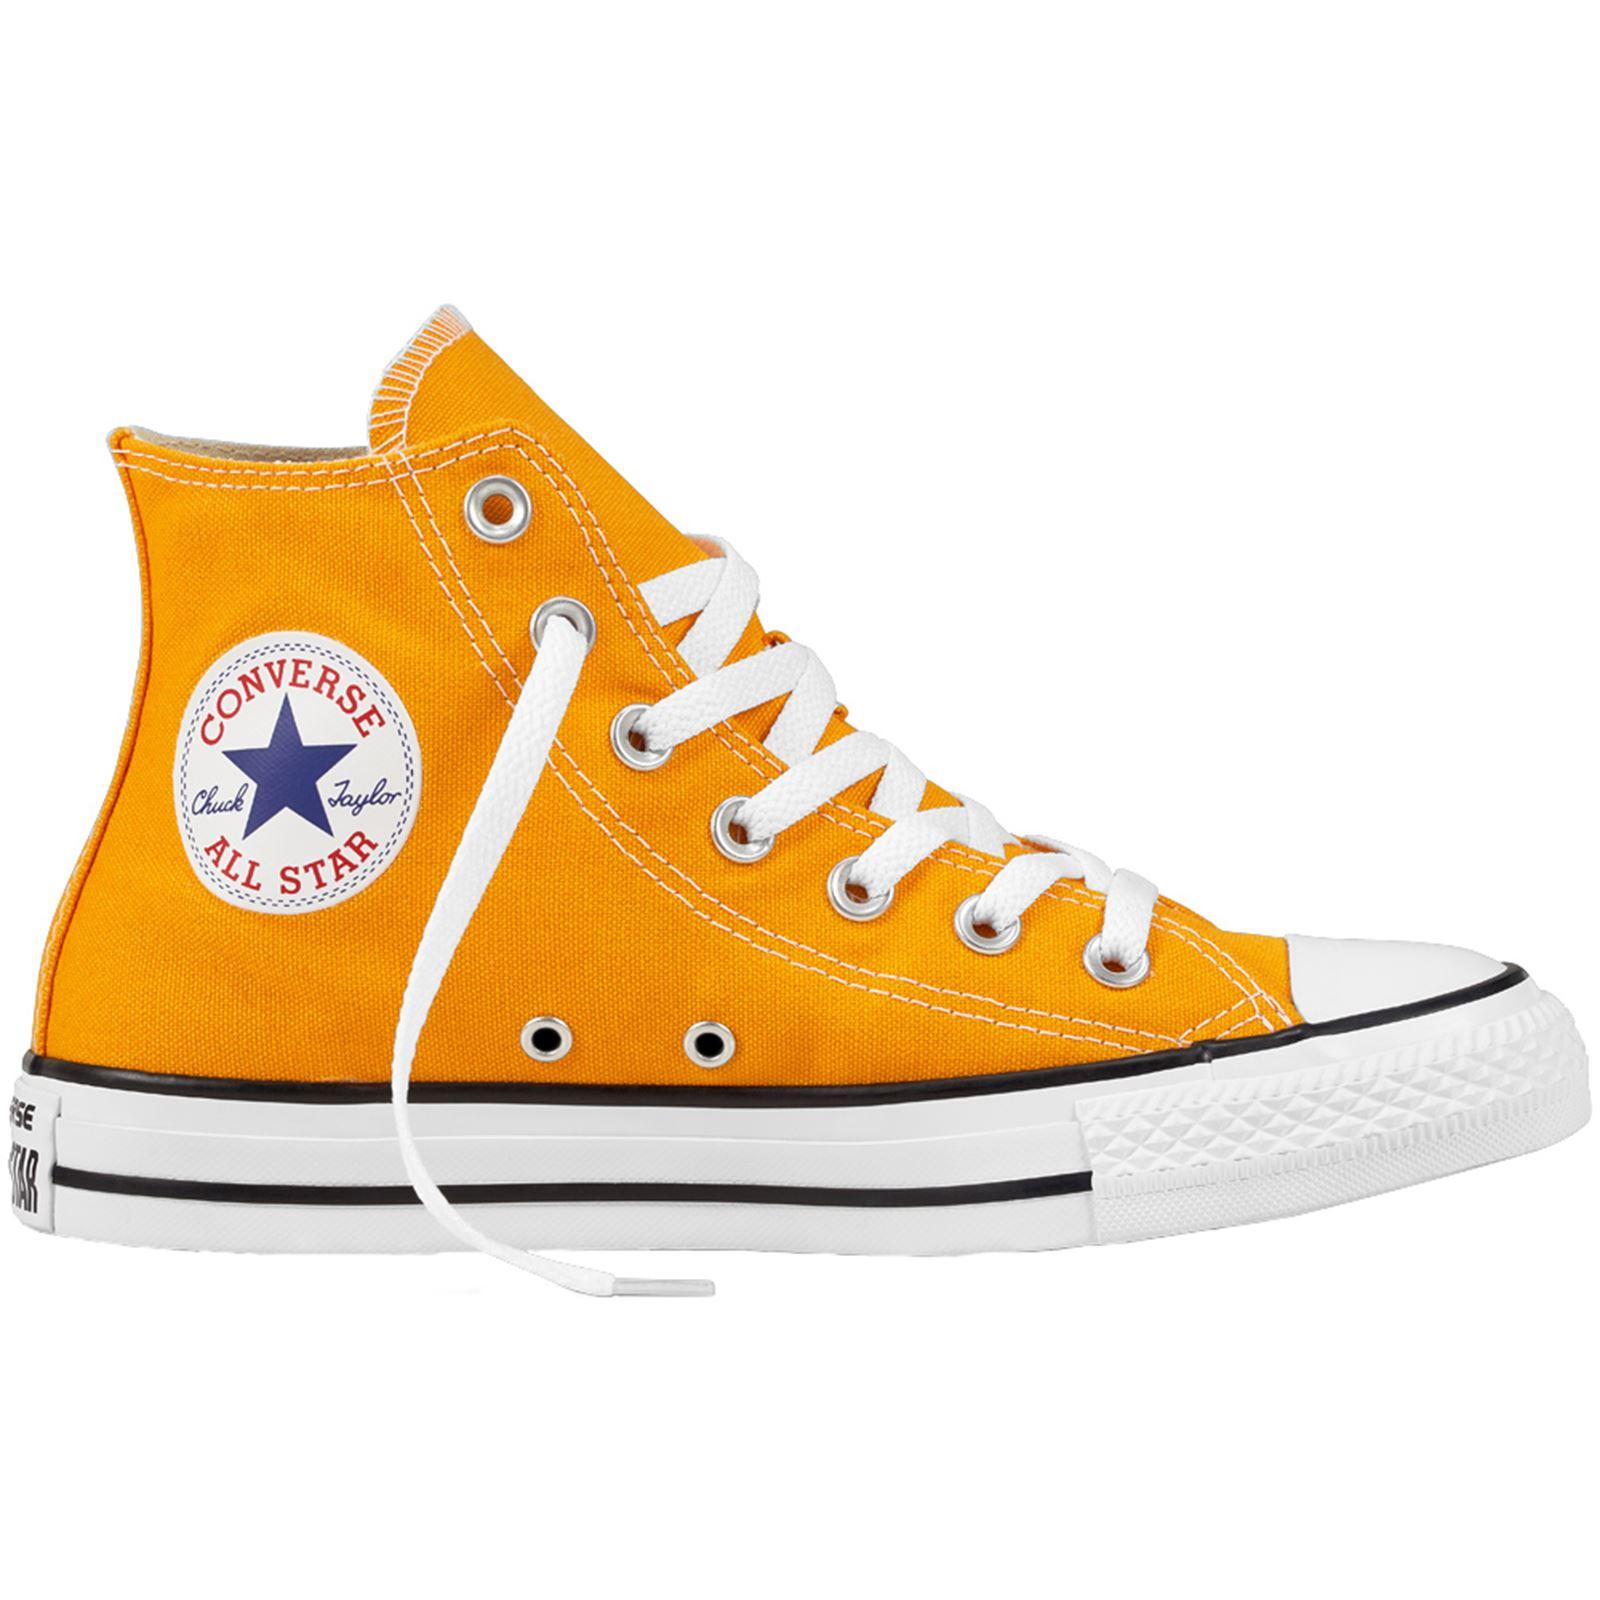 Mandrin Inverse Taylor All Star Formateurs Hi En Orange - Orange N7uGymwJj,